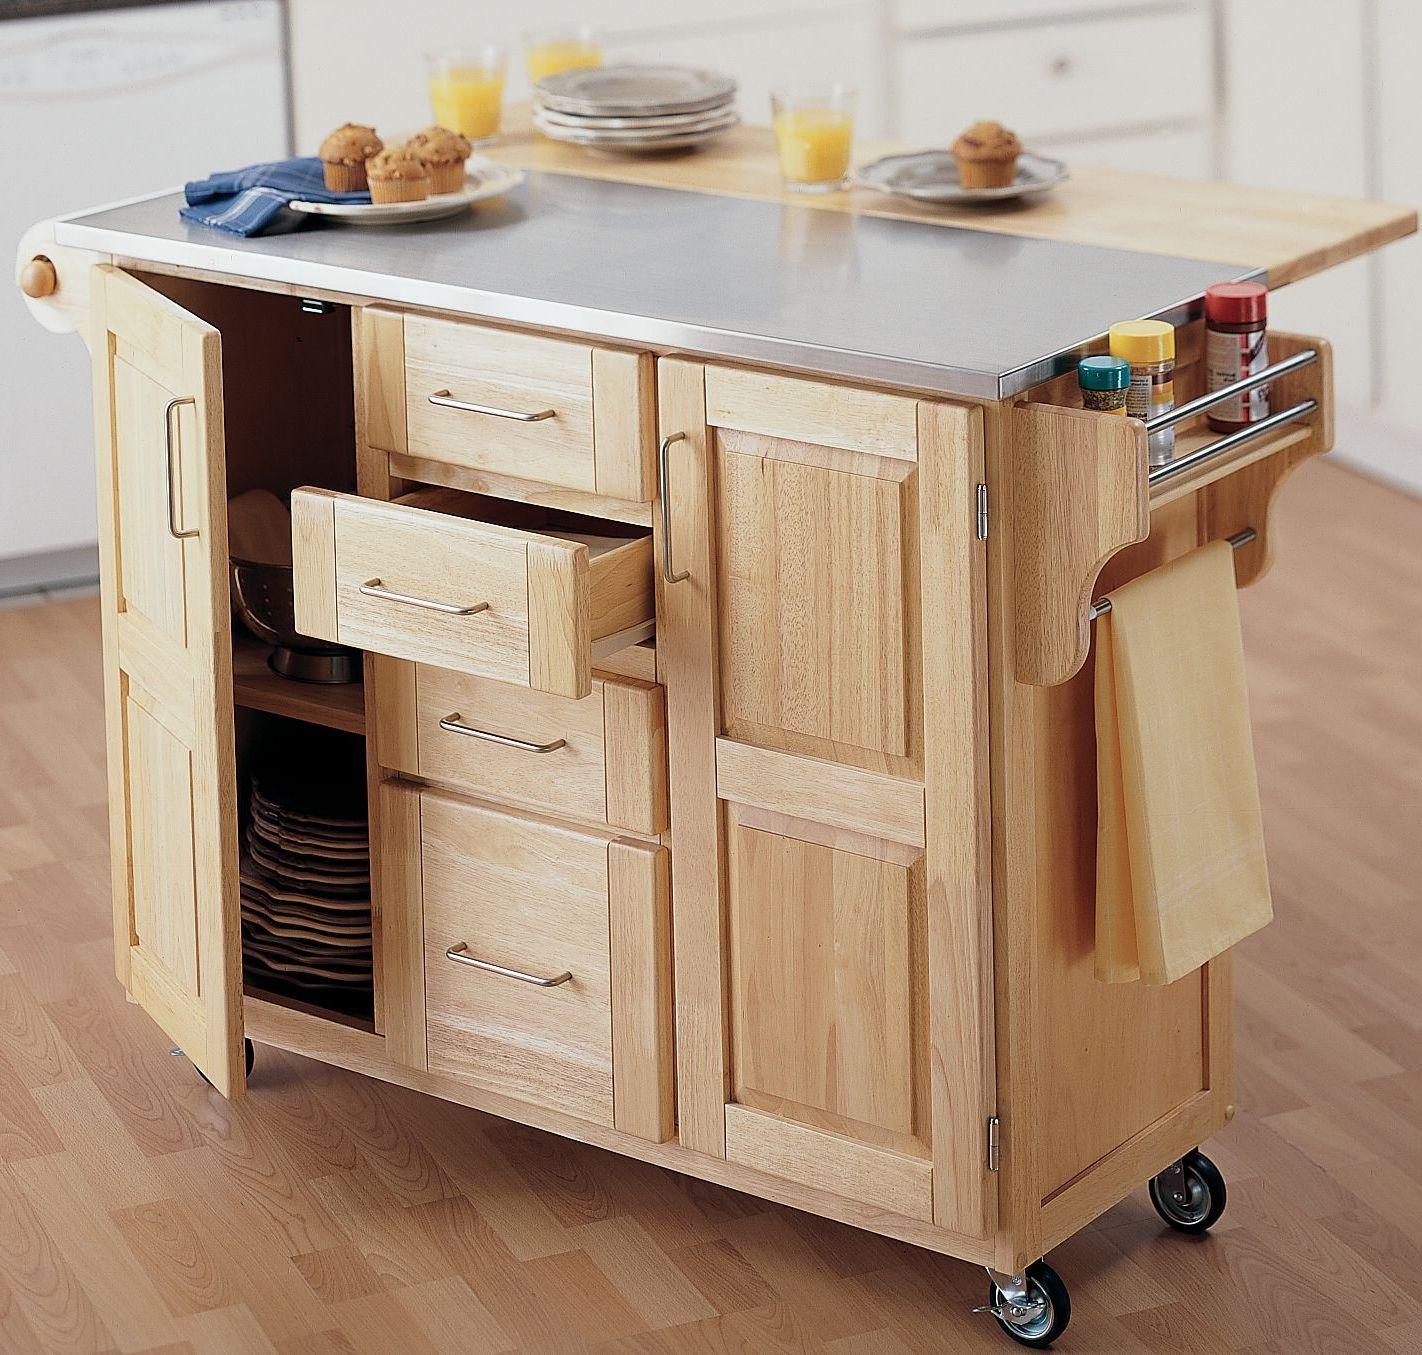 Küche Inseln Auf Rädern - Schlafzimmer | Schlafzimmer | Pinterest ...